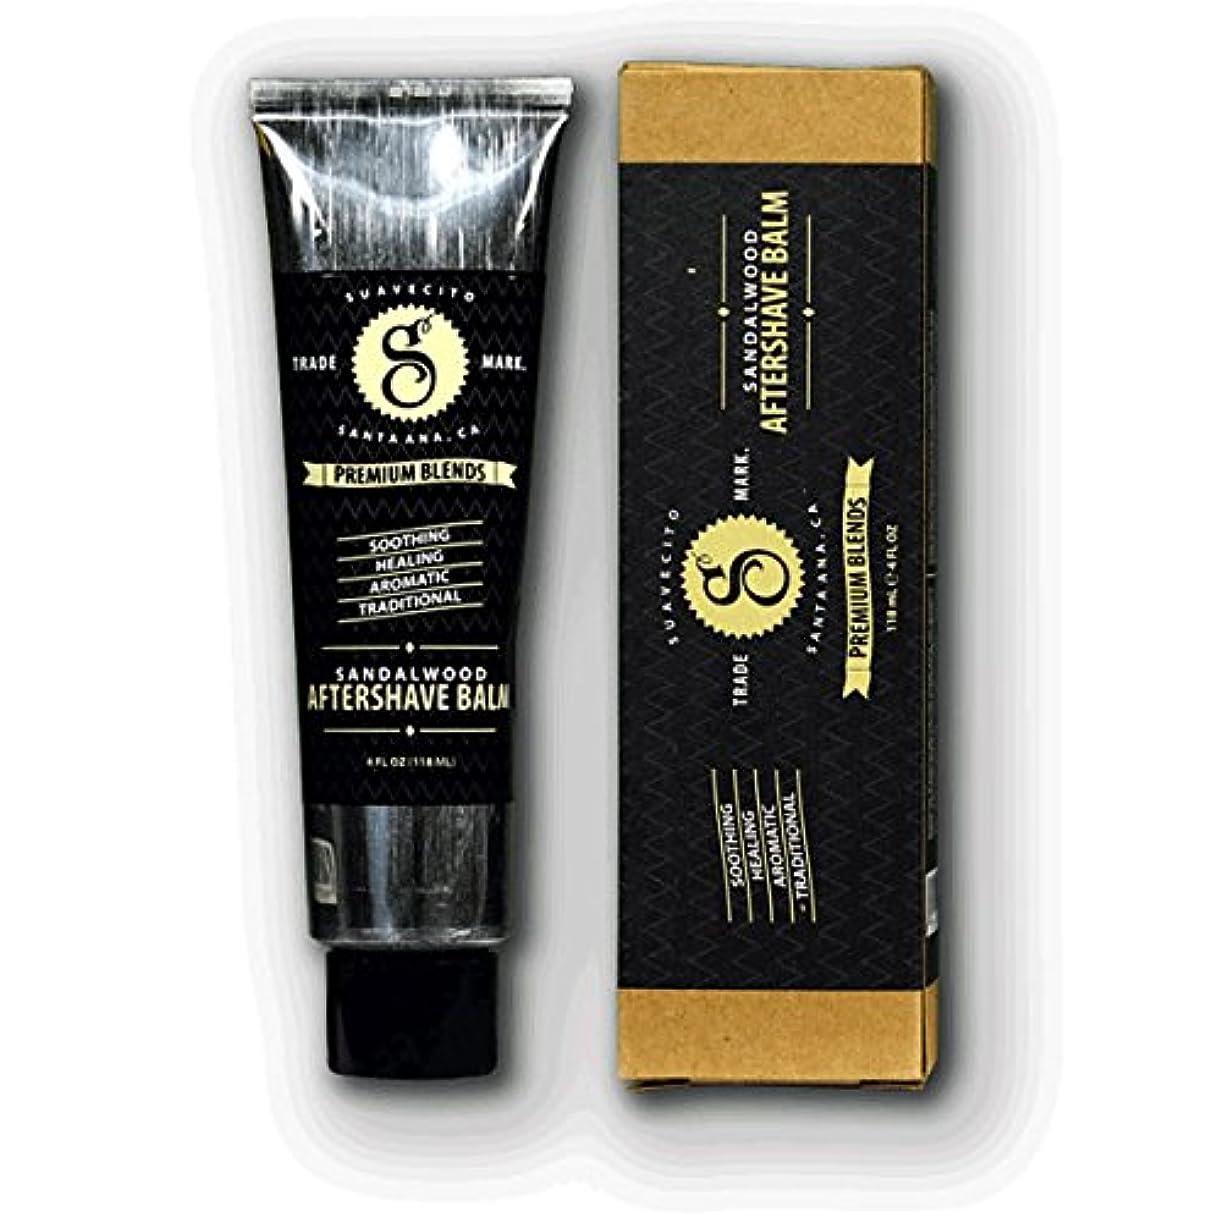 スリンクバレエ著者SUAVECITO スアベシート 【Premium Blends Sandalwood Aftershave Balm 4oz】 シェービングクリーム 4OZ(約110G)